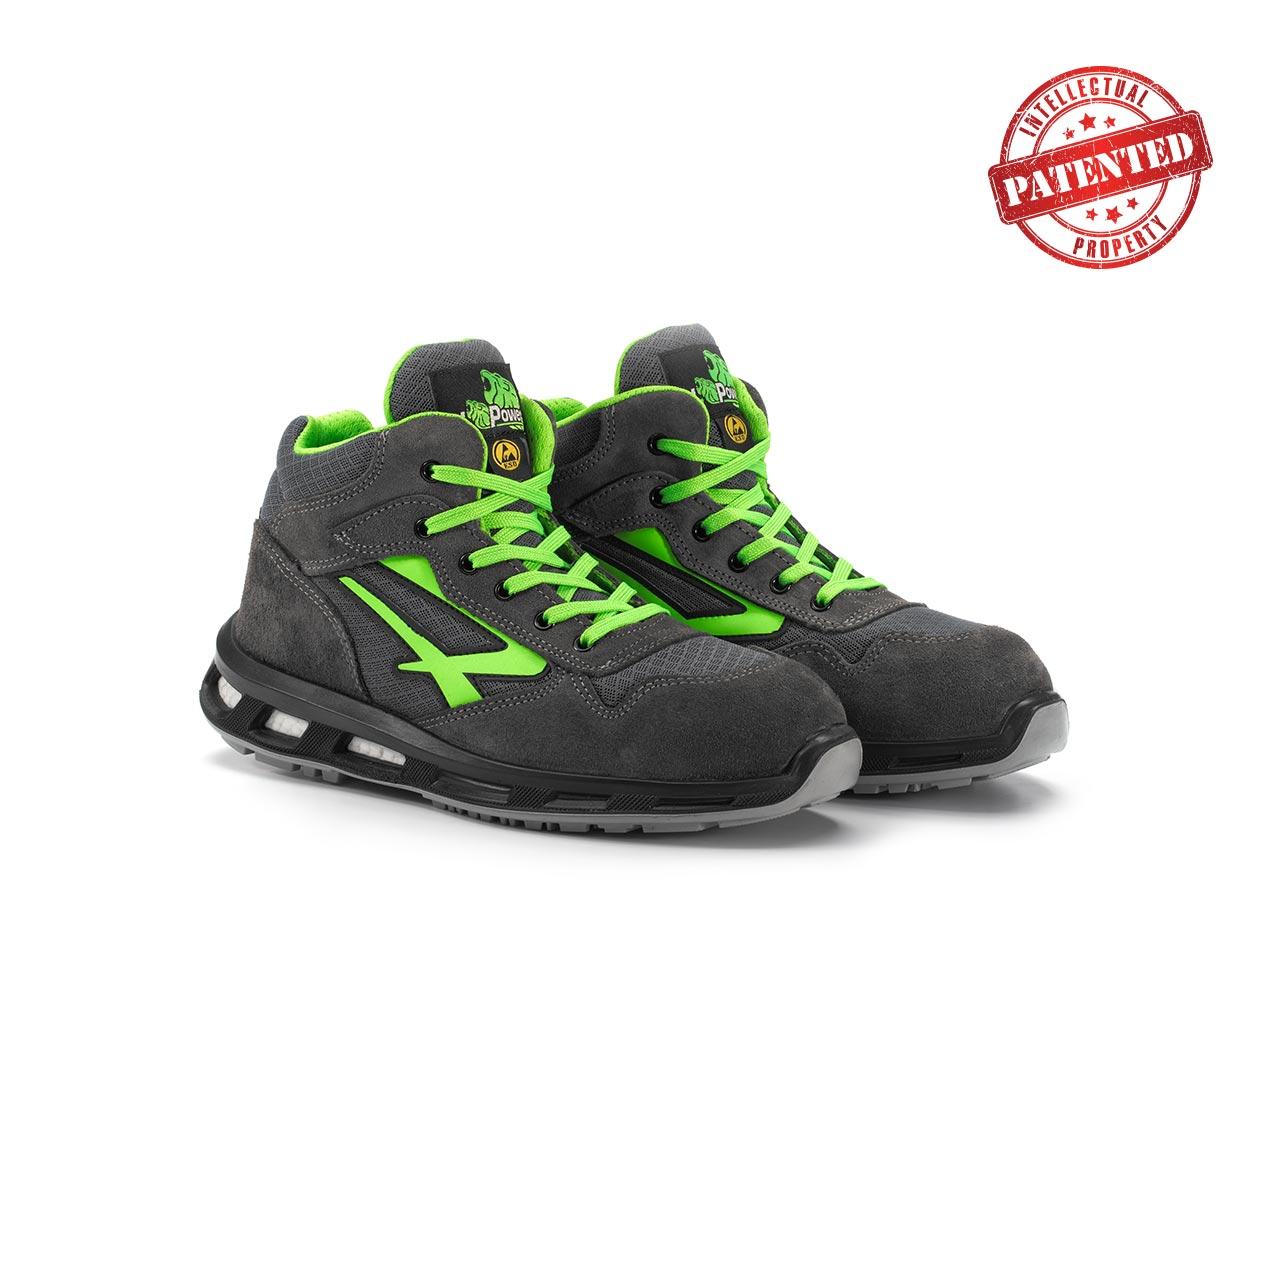 paio di scarpe antinfortunistiche alte upower modello ramas linea redlion vista prospettica